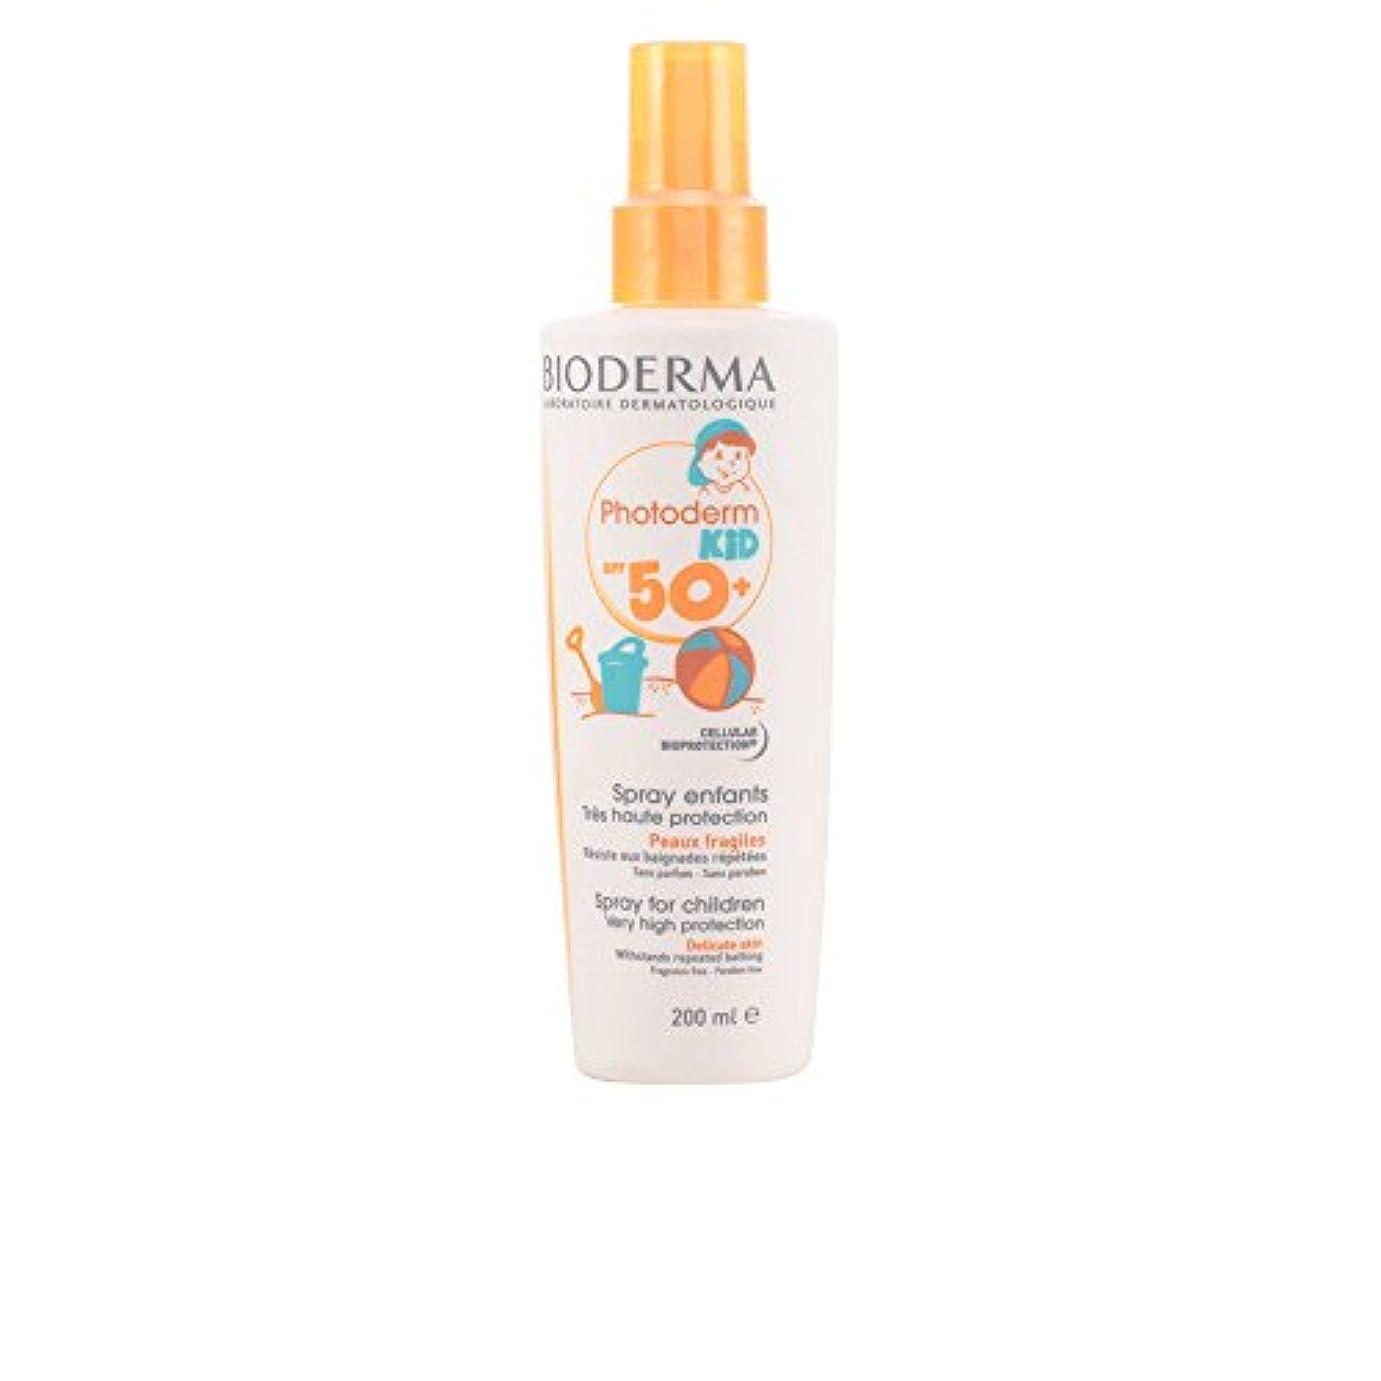 タオルモールを除くBioderma Photoderm Kid Spf 50+ Spray 200ml